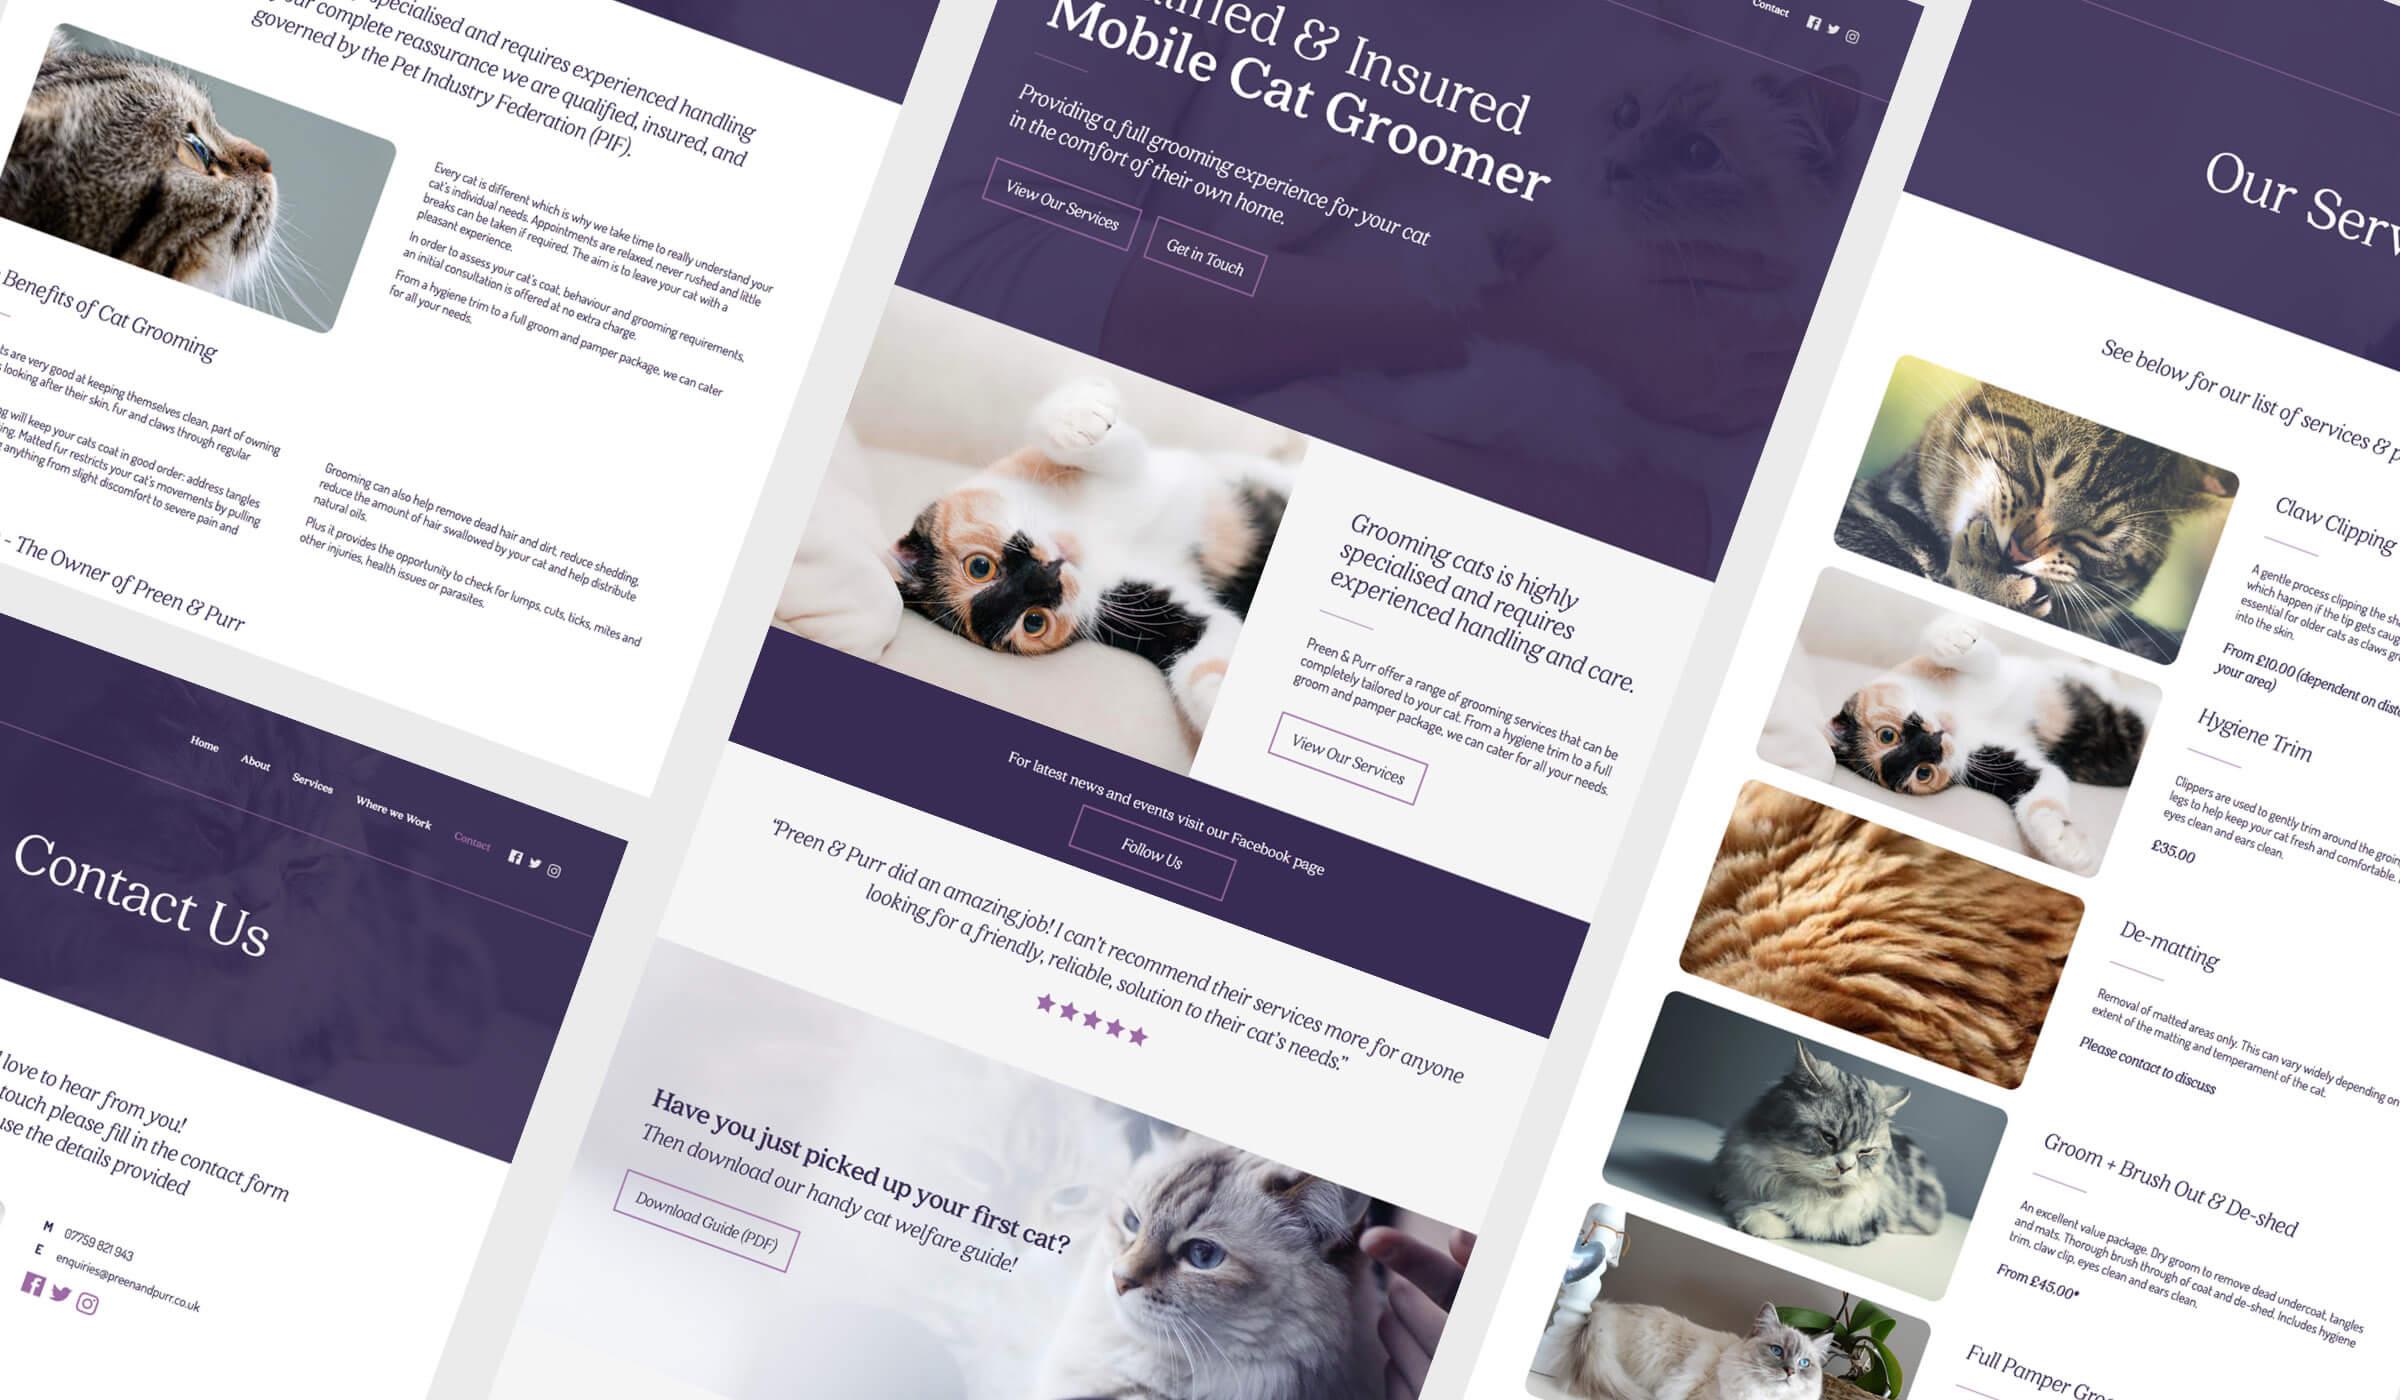 Pet grooming service website design